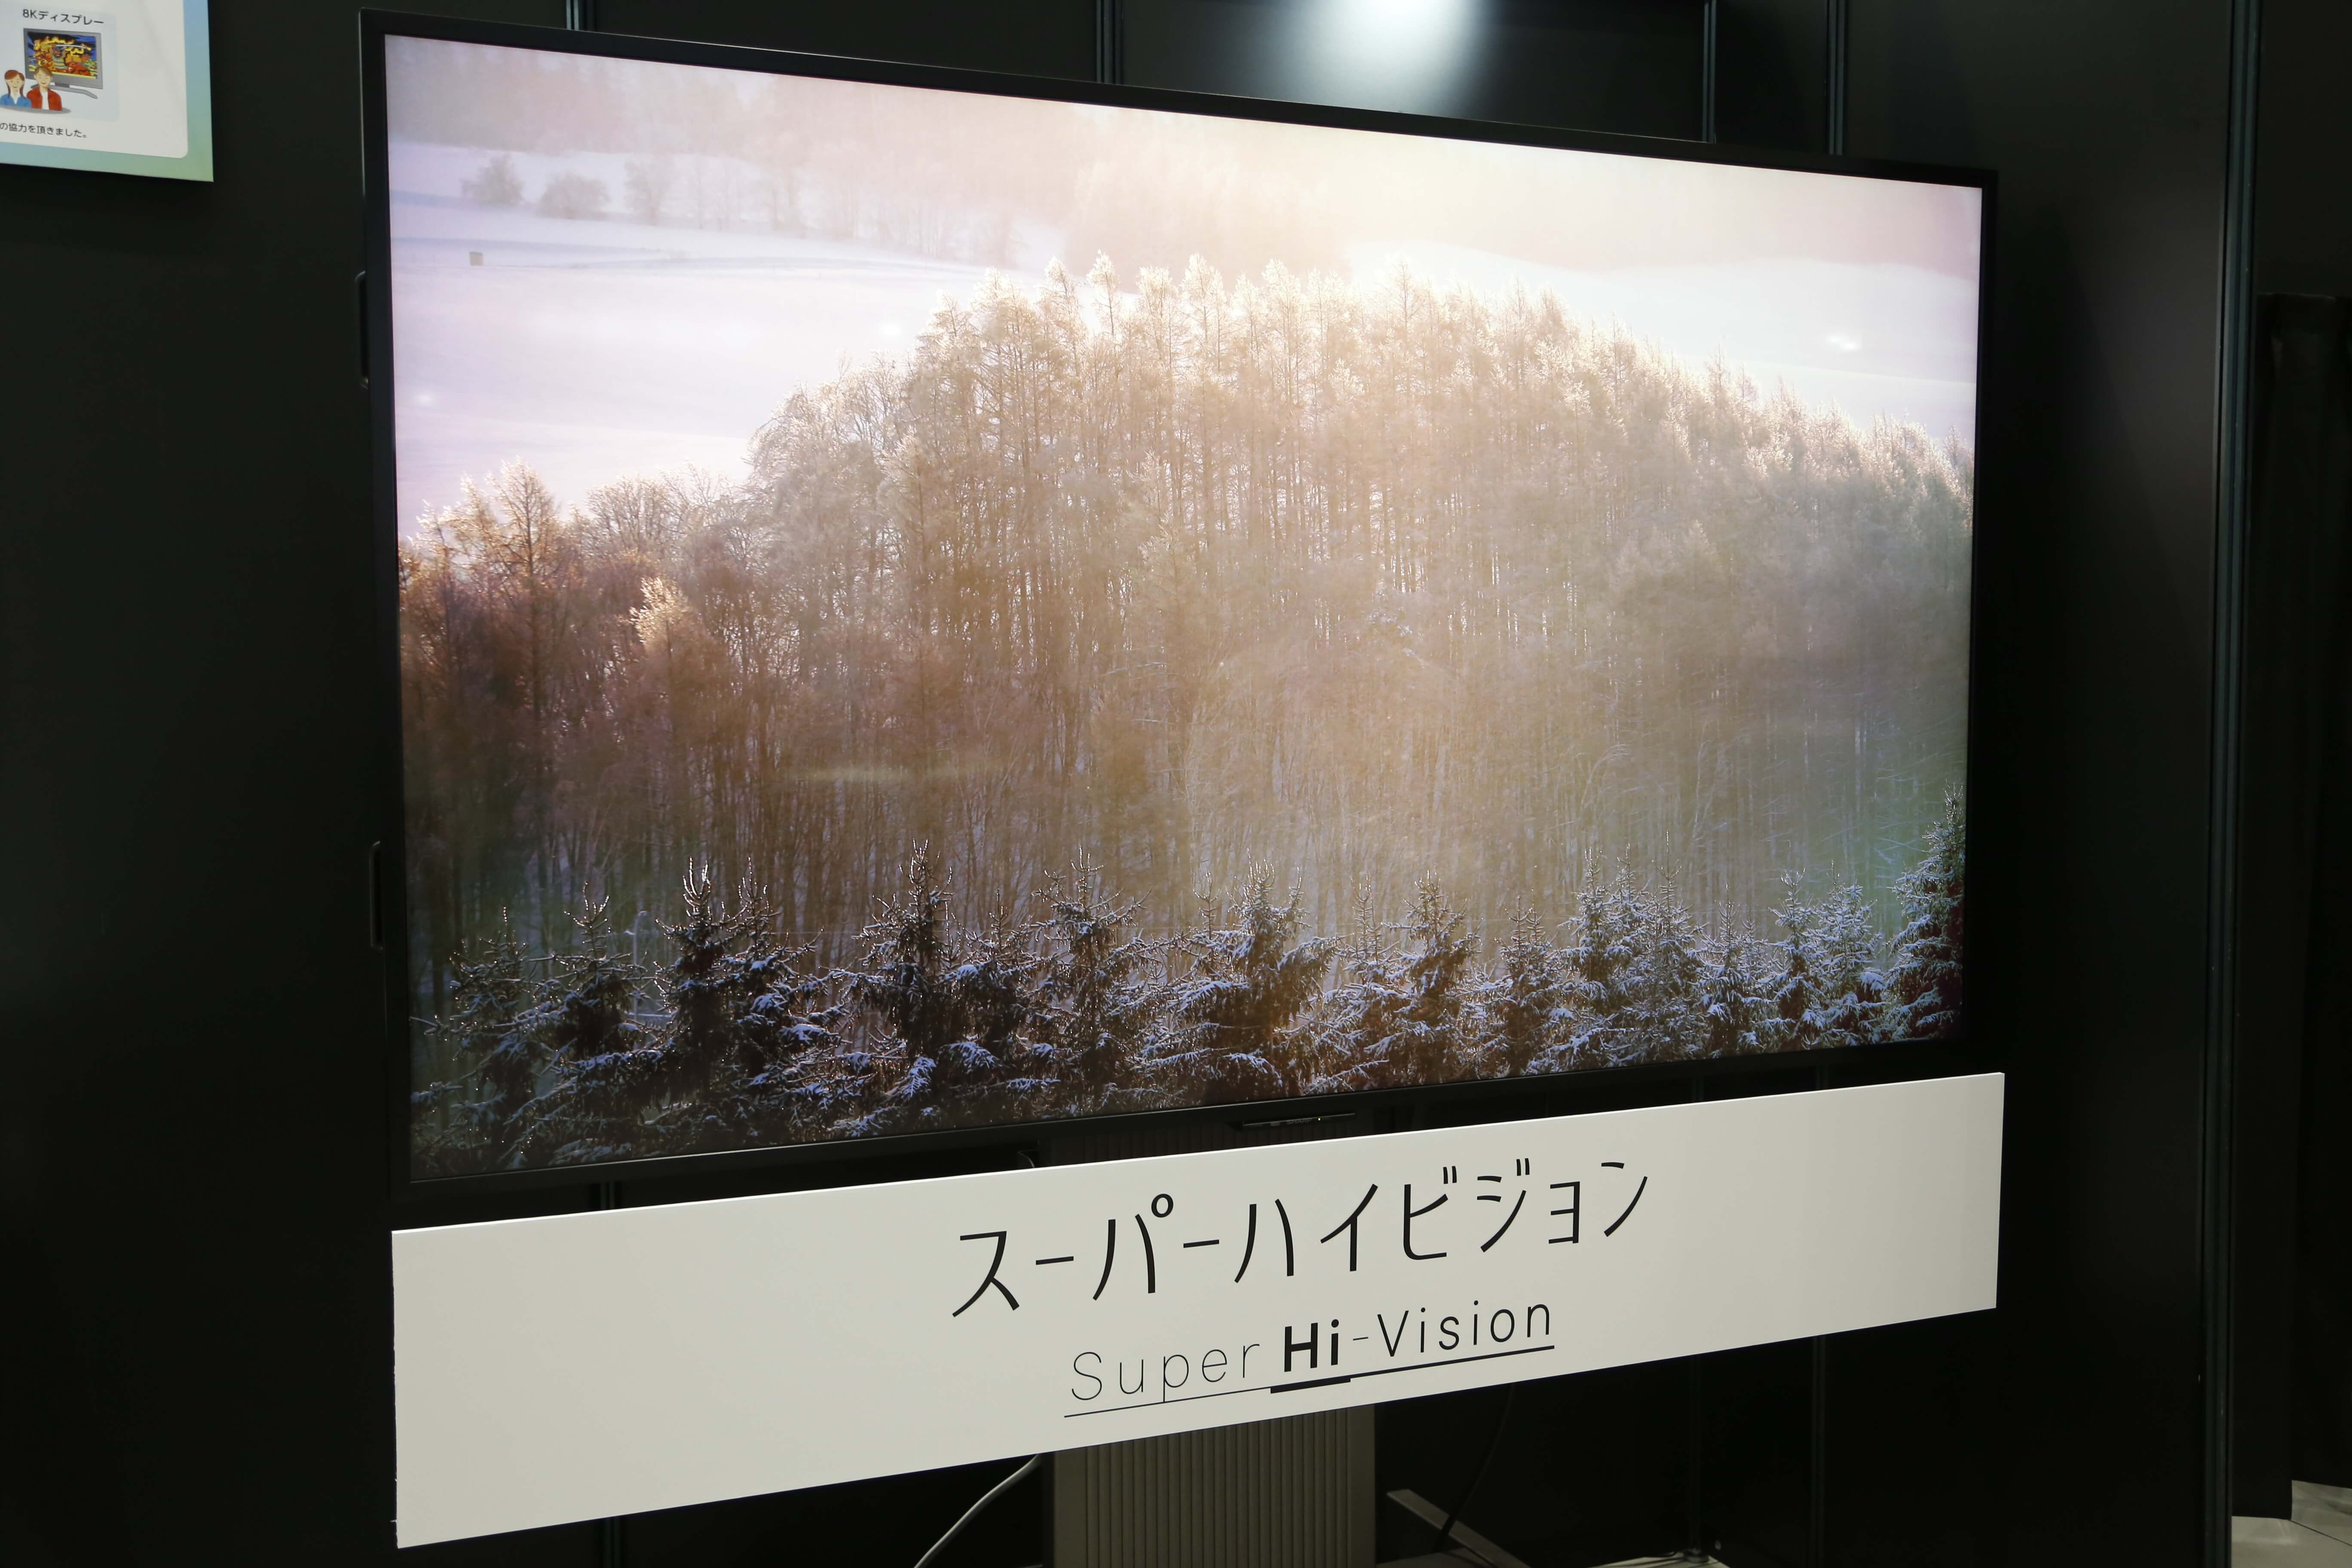 8K実用放送(スーパーハイビジョン)普及へのカギは、ケーブルテレビ伝送?